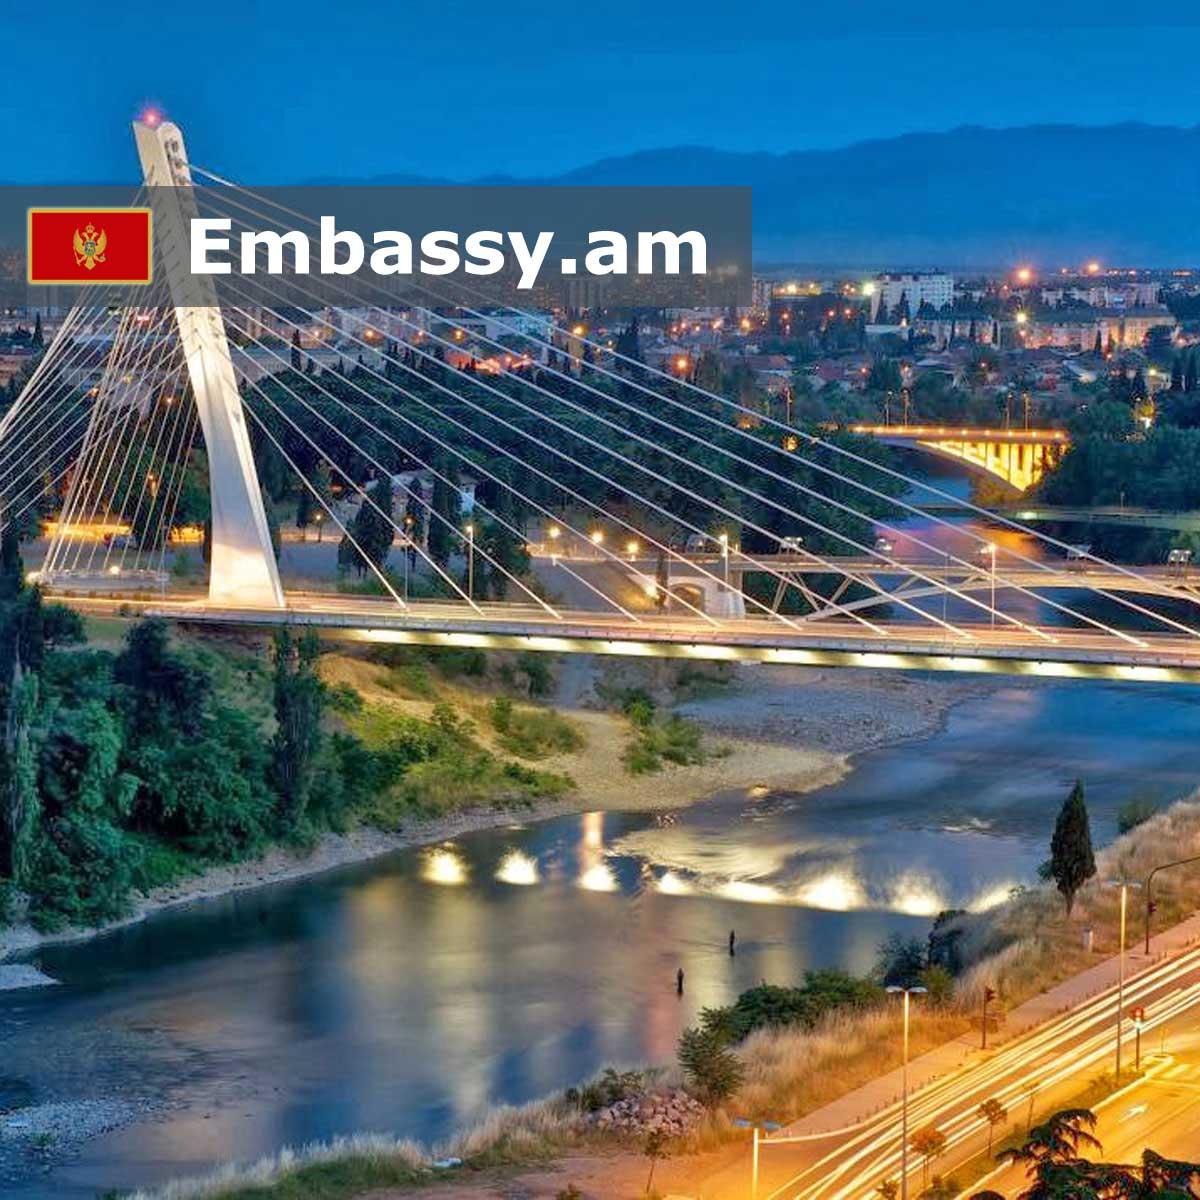 Подгорица - Отели в Черногории - Embassy.am